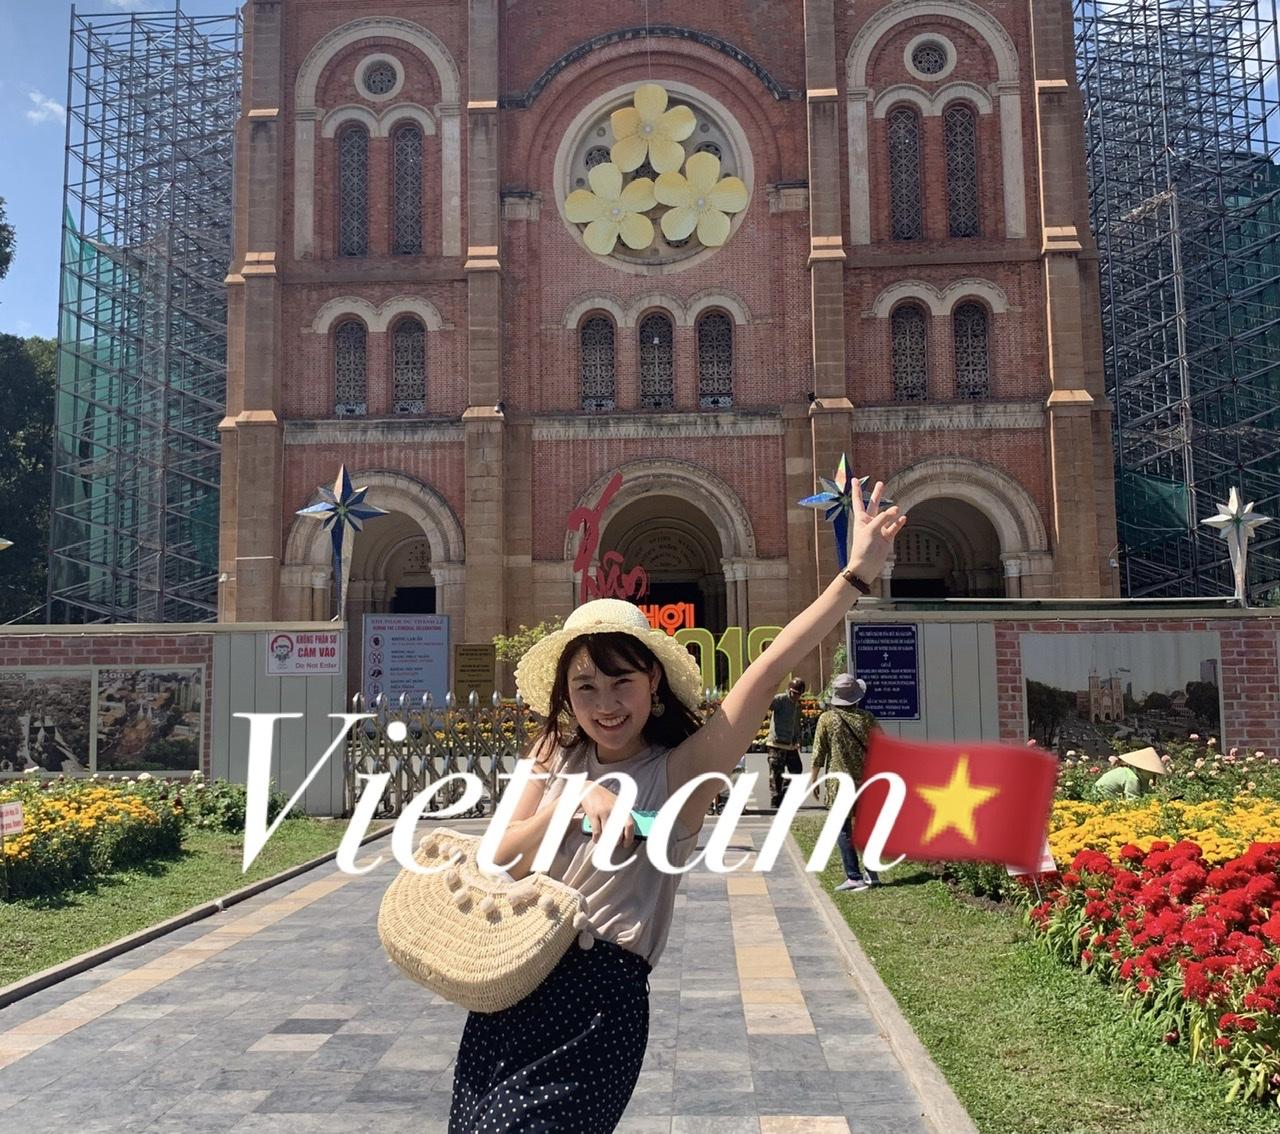 ベトナムホーチミンで撮った写真